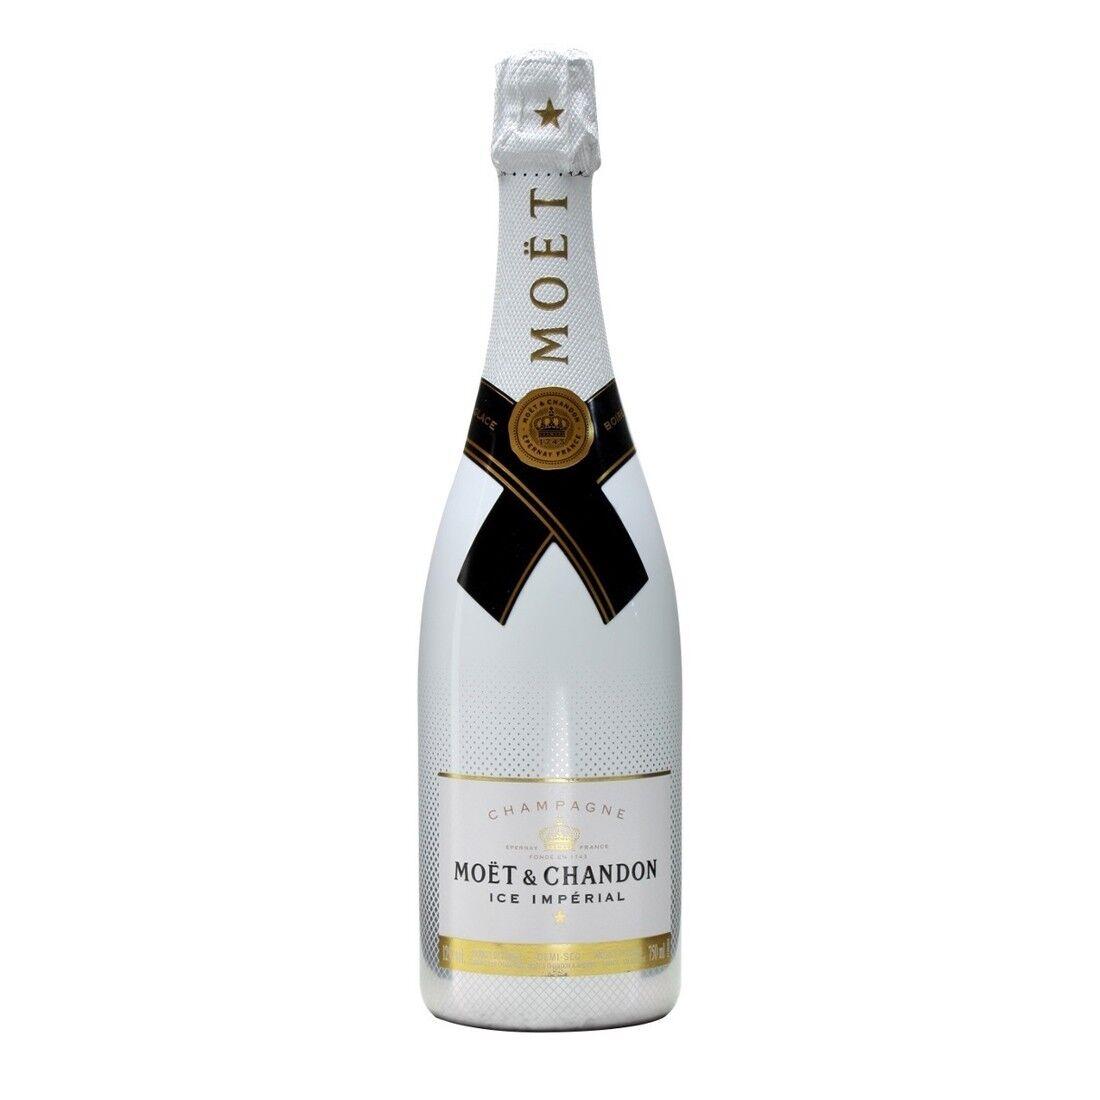 Moët & Chandon Champagne Ice Impérial Demi Sec -